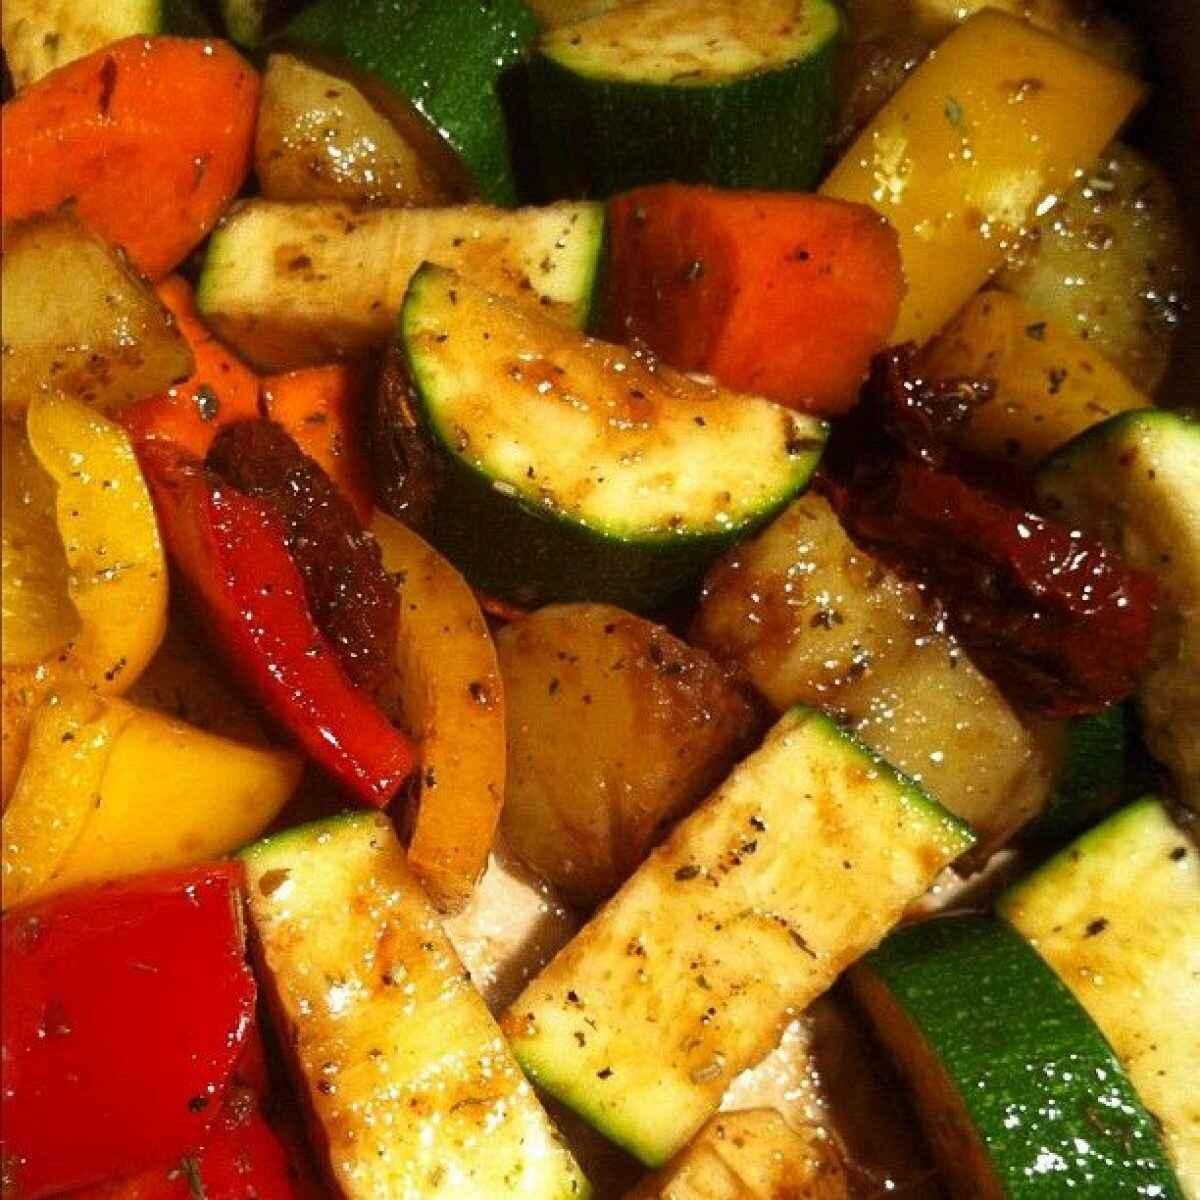 Ricetta Patate E Zucchine In Padella.Patate Peperoni E Zucchine In Padella Buttalapasta